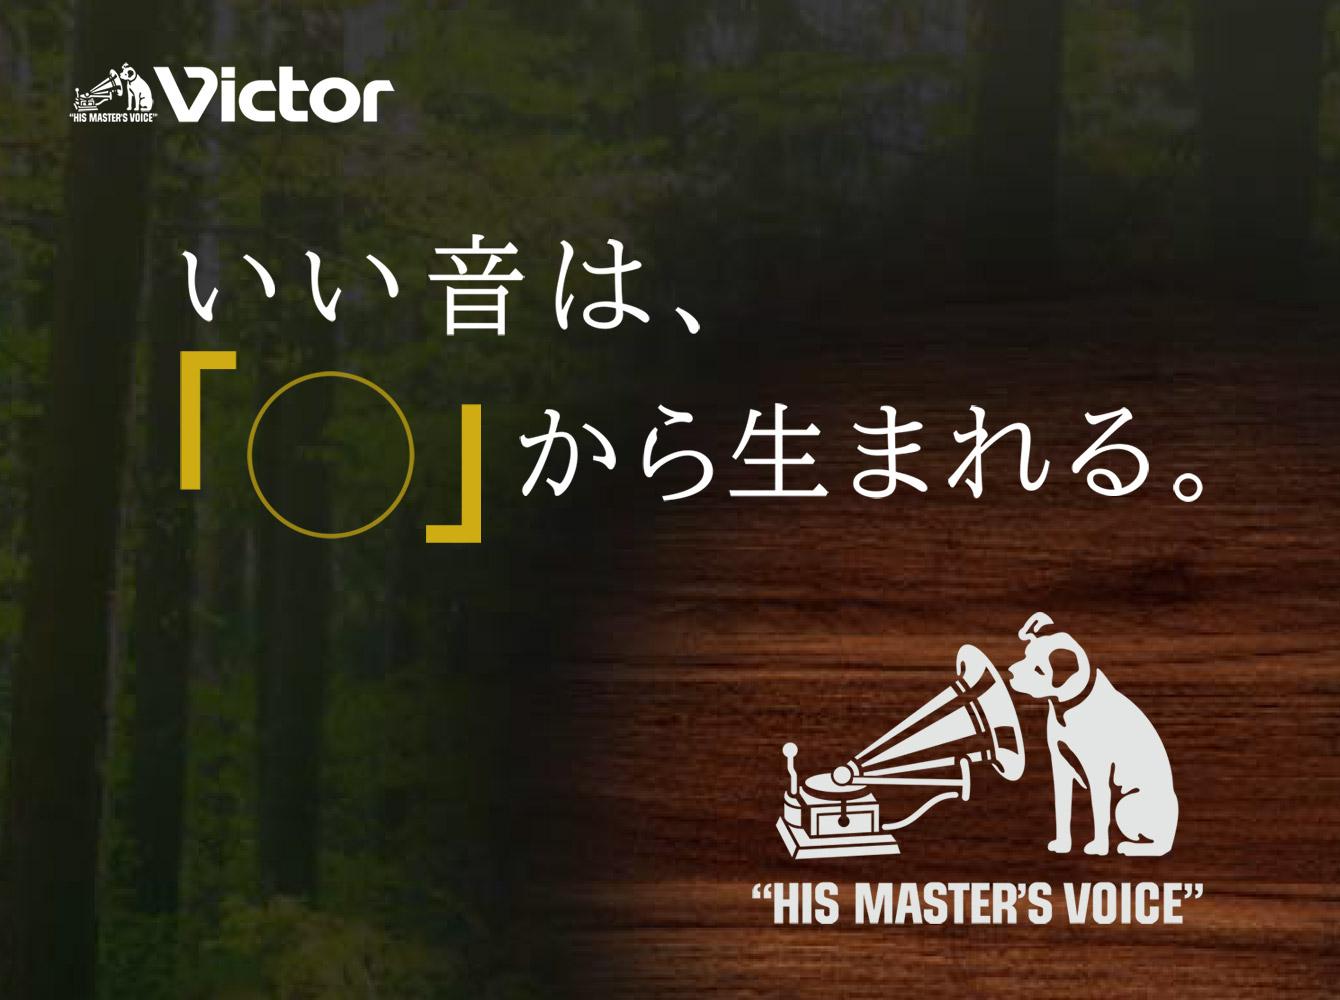 新製品予告|いい音は、〇から生まれる。 | Victor